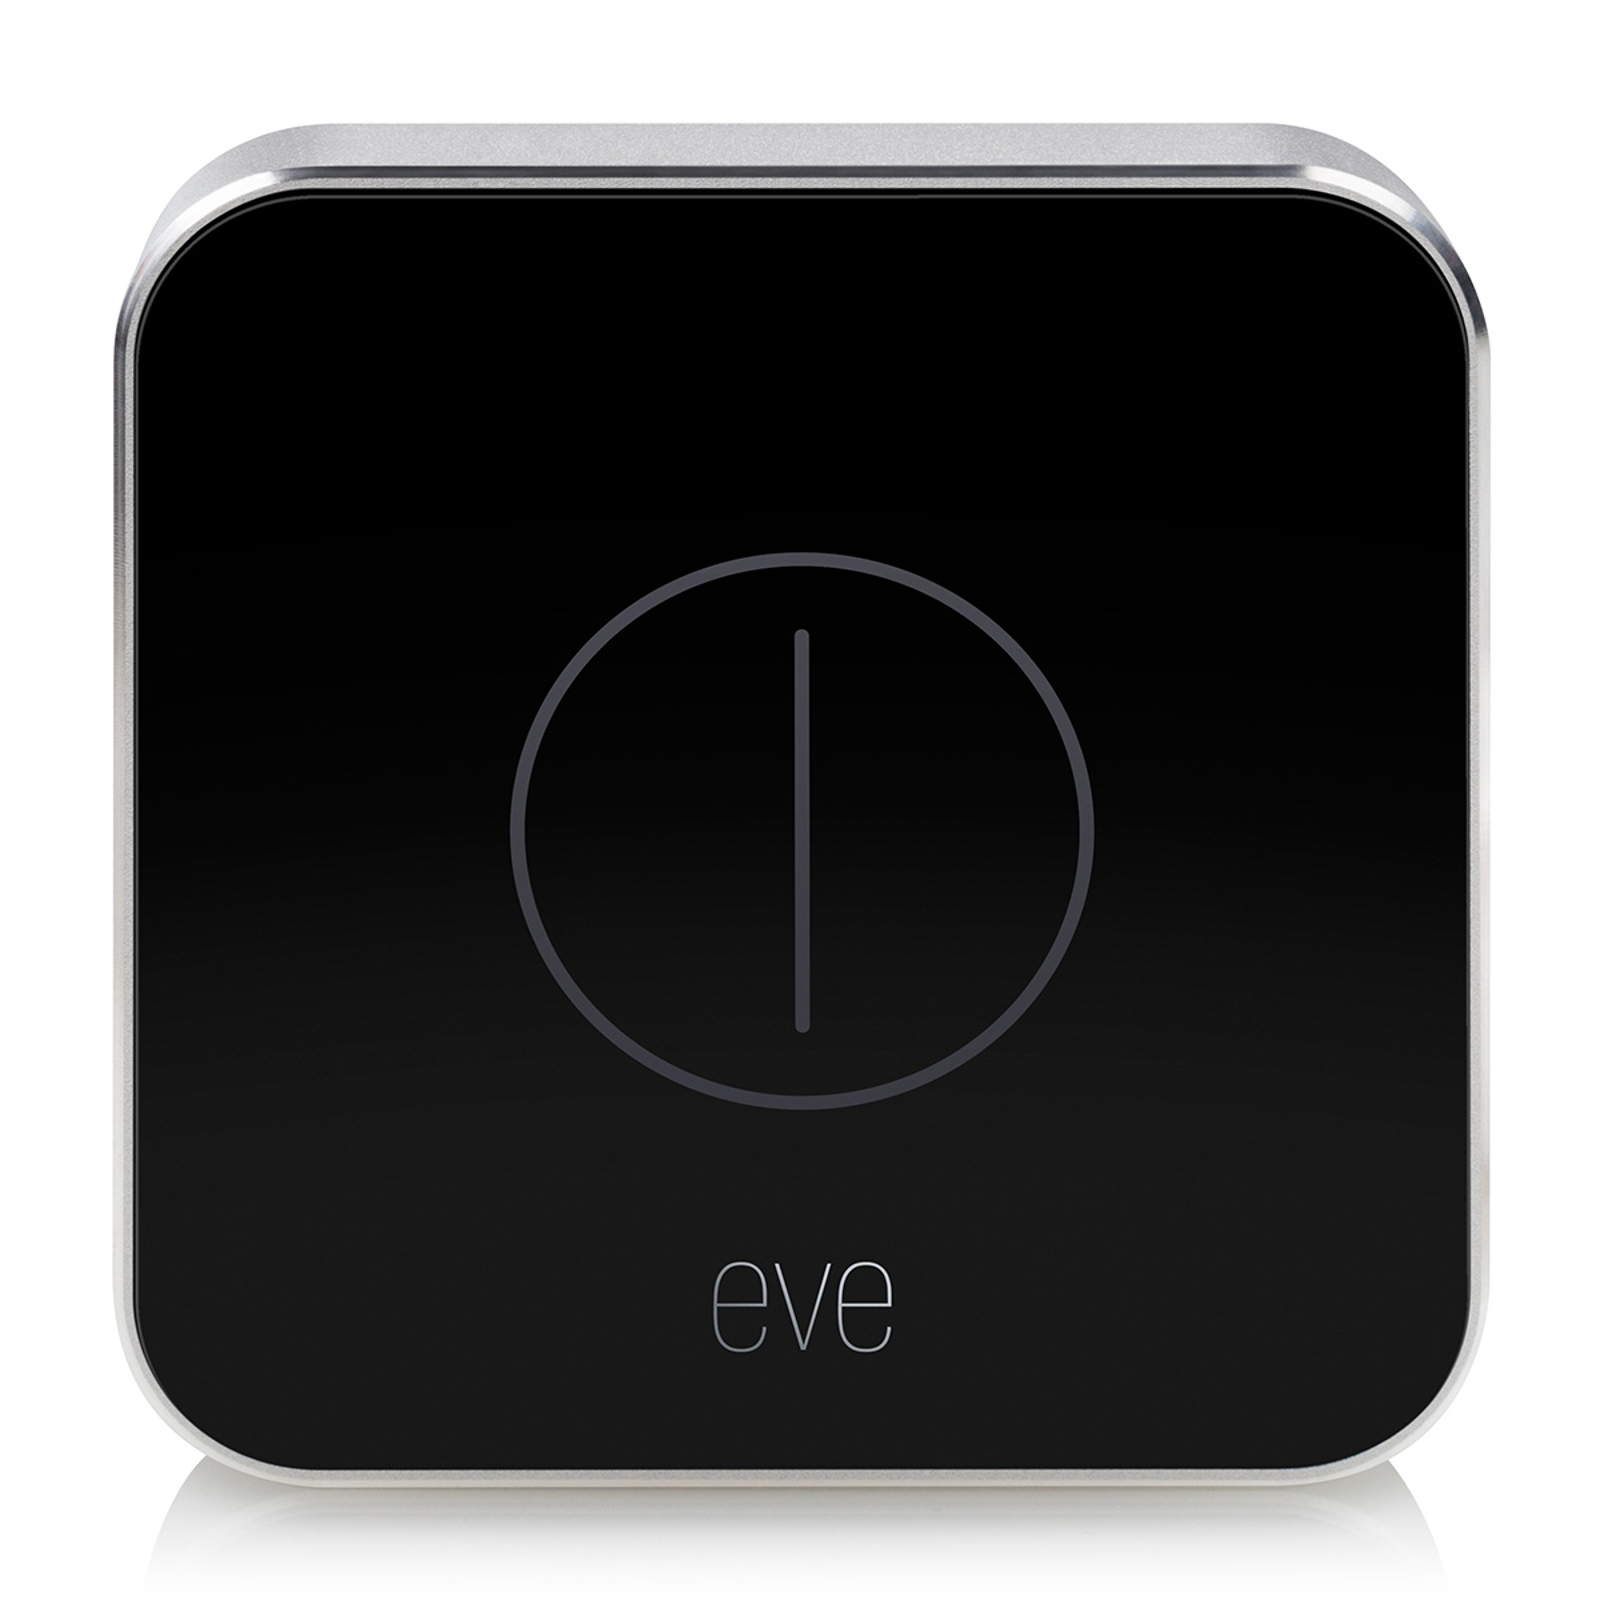 Eve Button fjernkontroll for Apple HomeKit-enheter